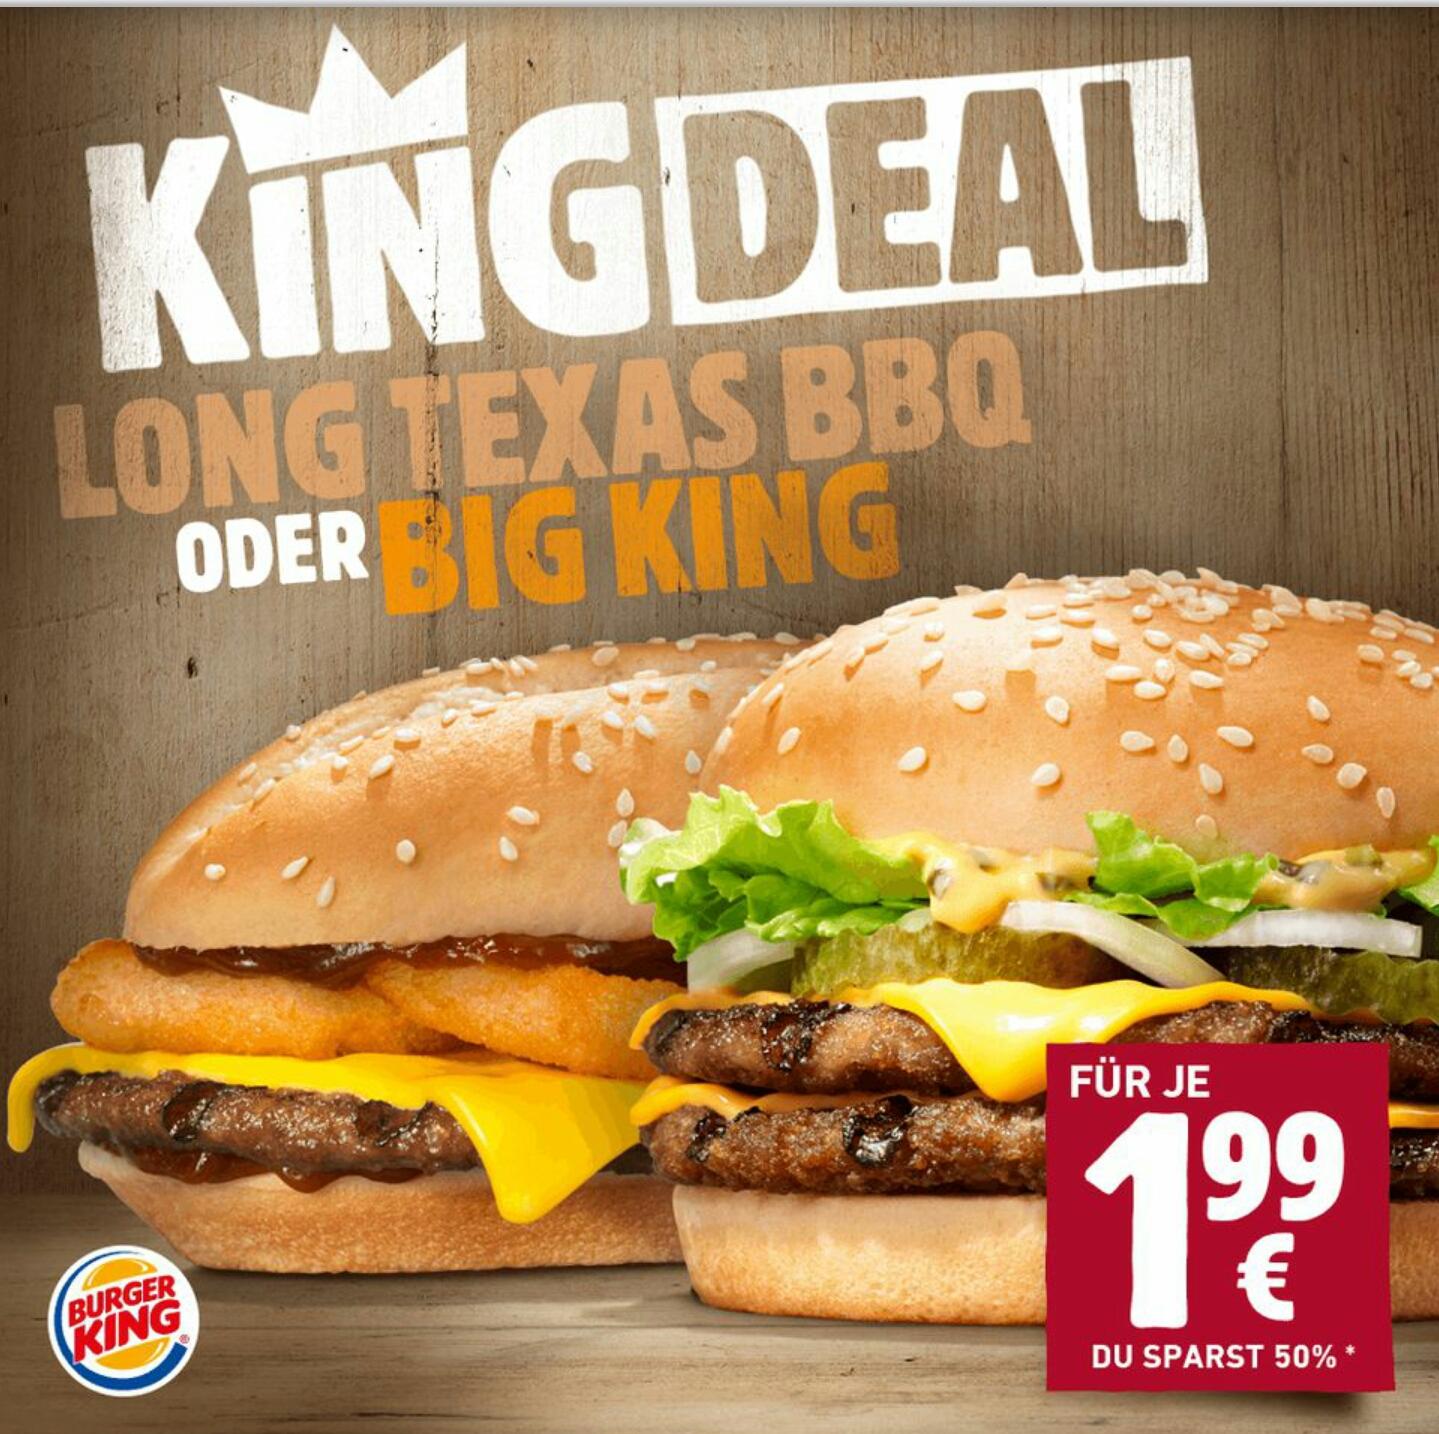 [Burger King ohne App oder PLU] Long Texas BBQ oder Big King im März für jeweils 1,99€